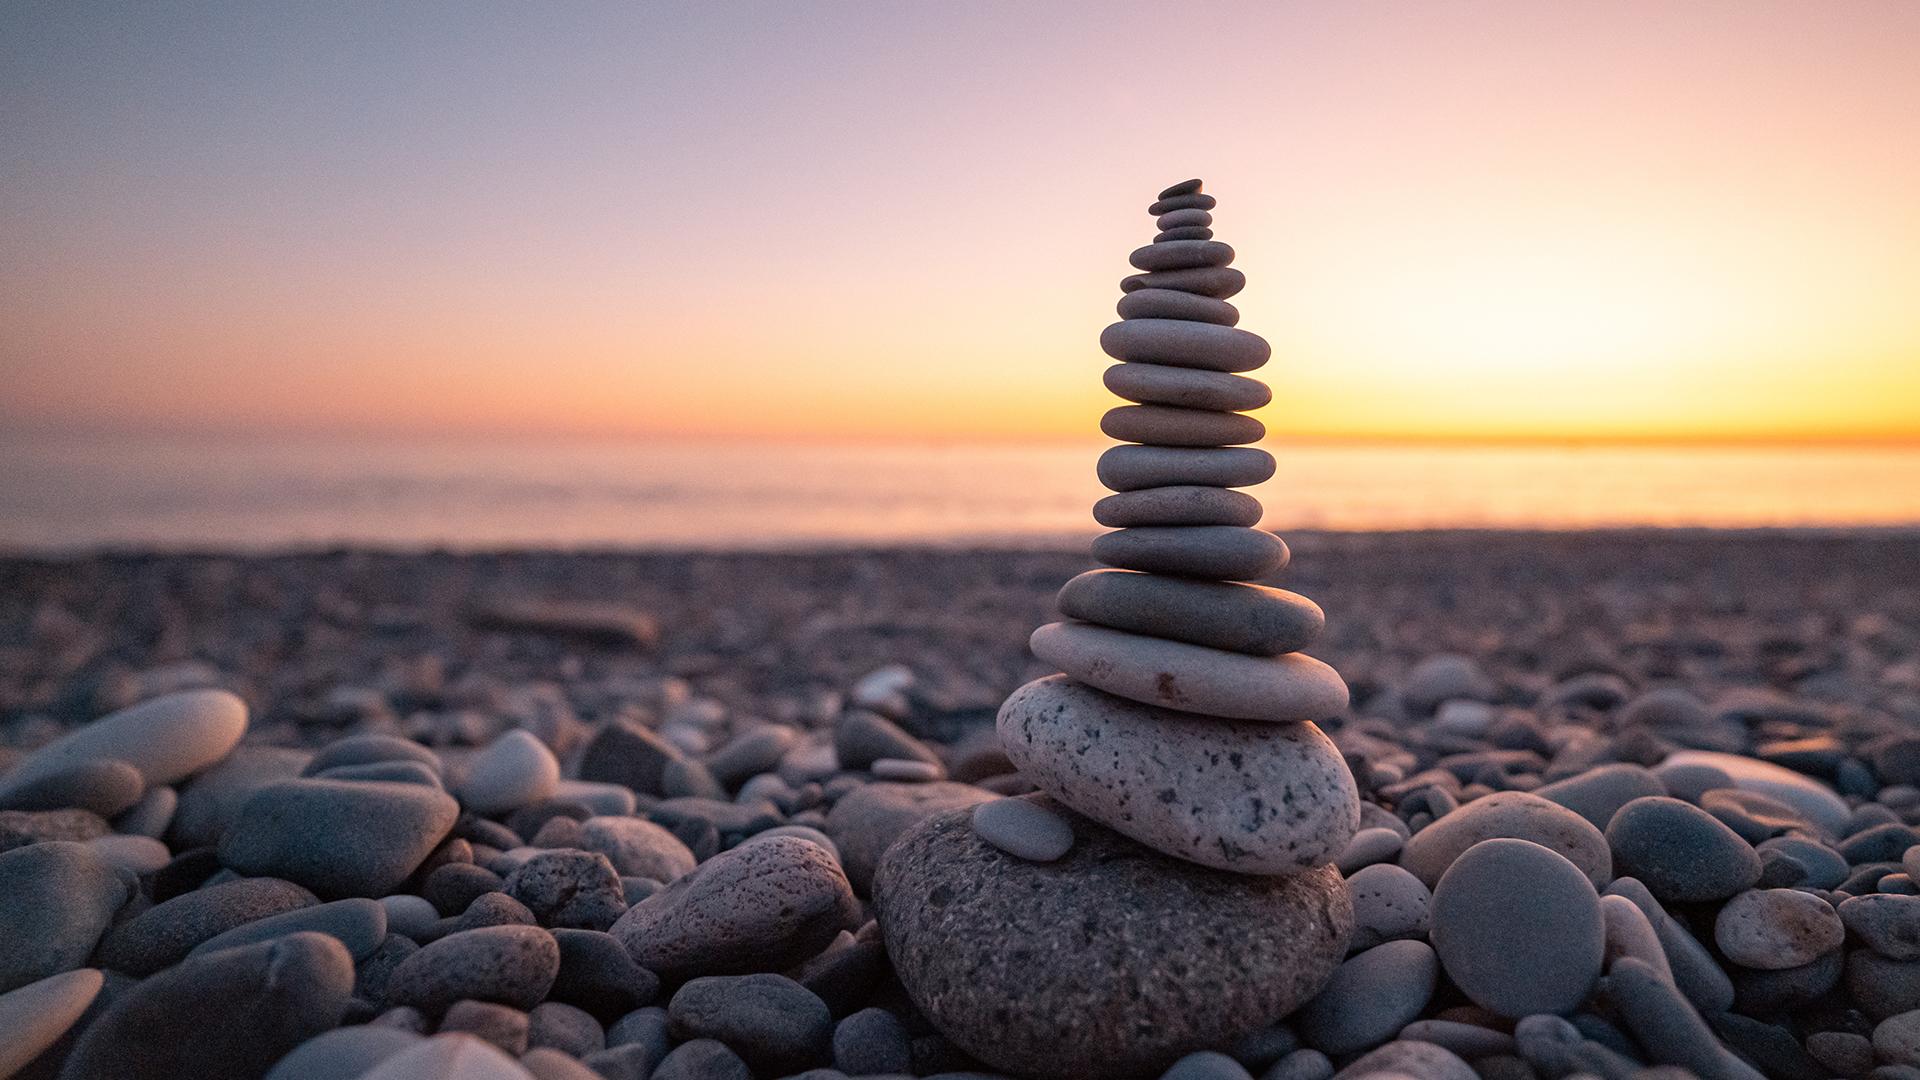 WellbeingHub balancingact